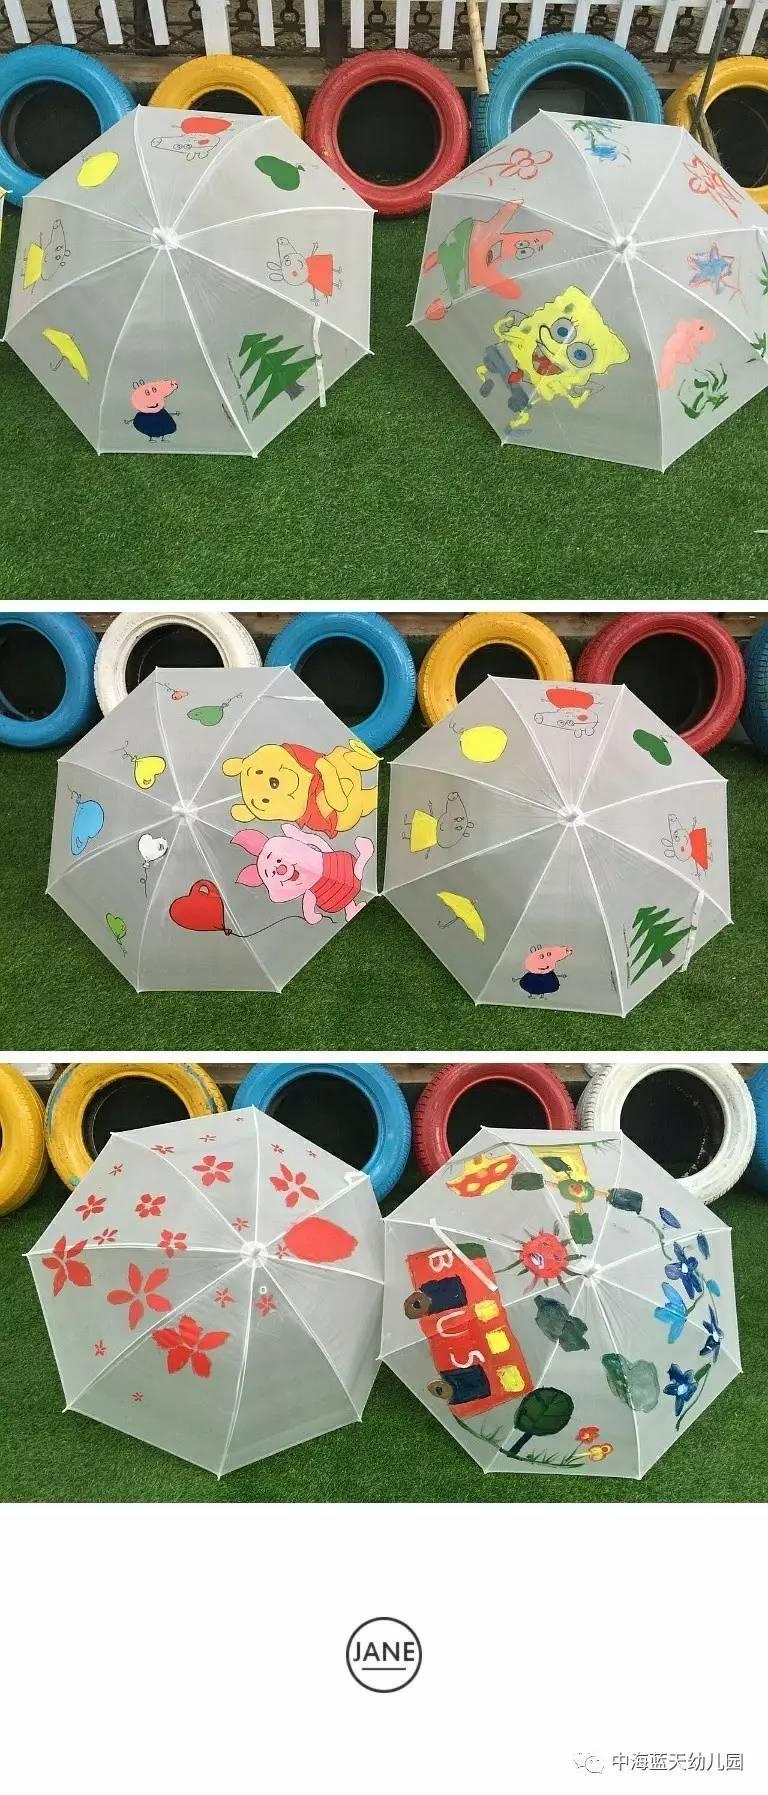 【乐趣童年】亲子手绘雨伞diy来袭!